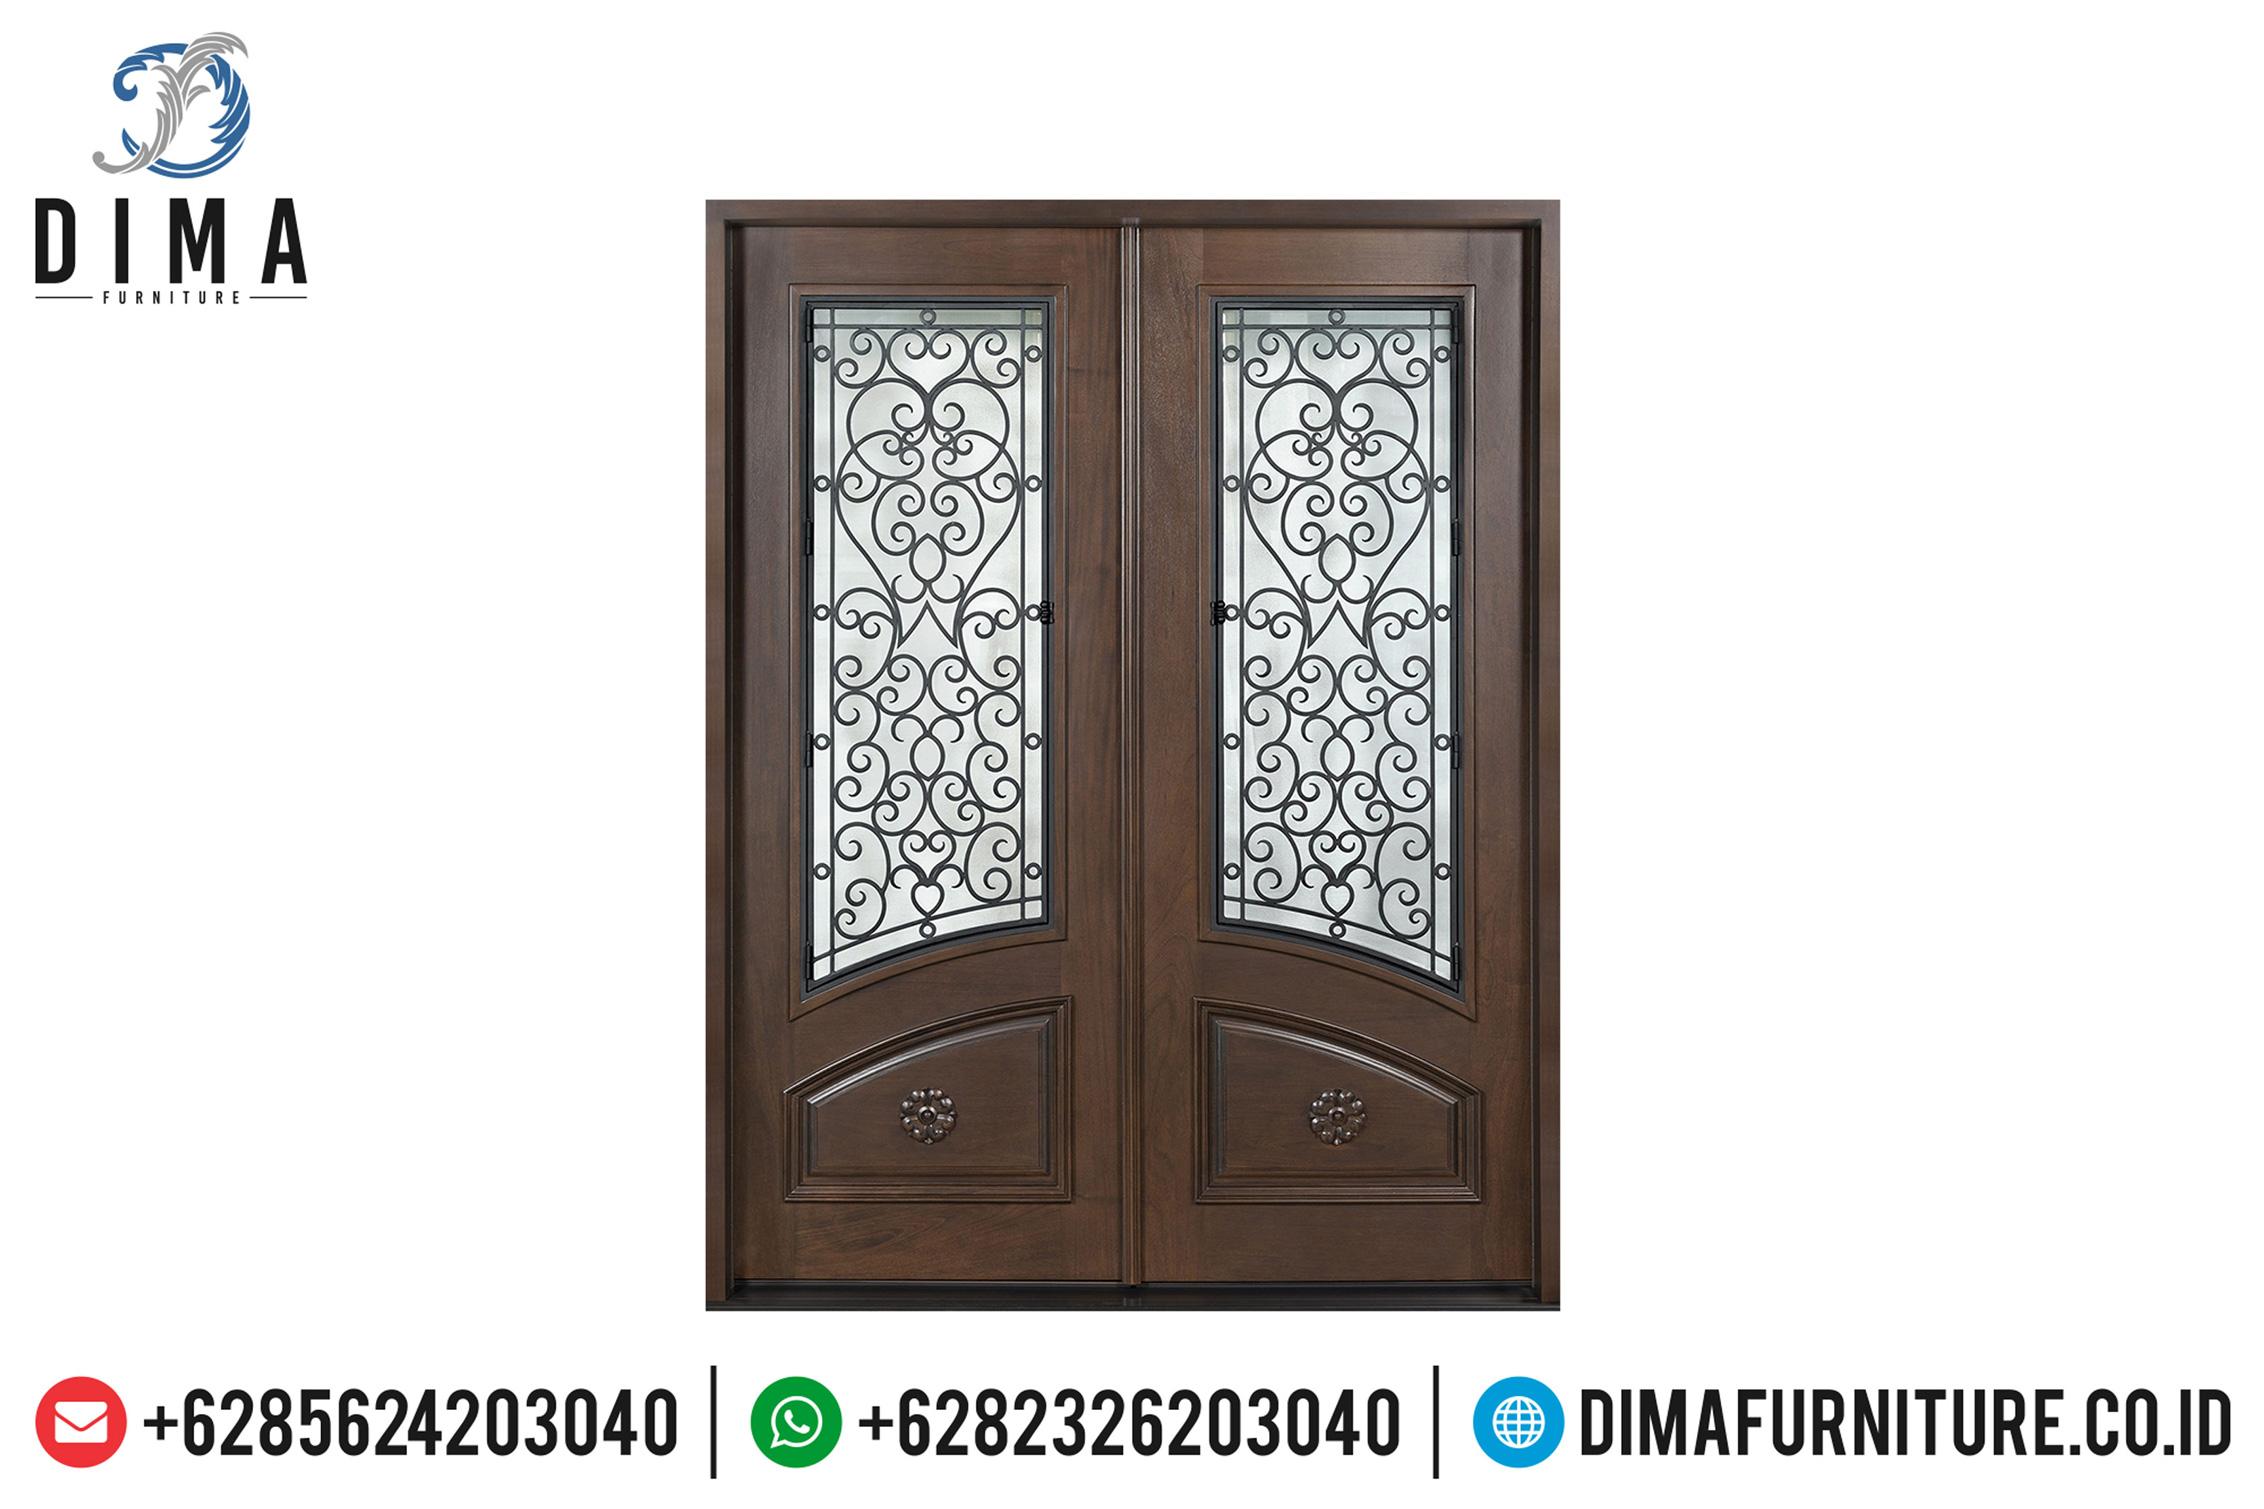 Pintu Rumah Utama Jati Mewah Harga Murah Kualitas Terbaik TTJ-0508